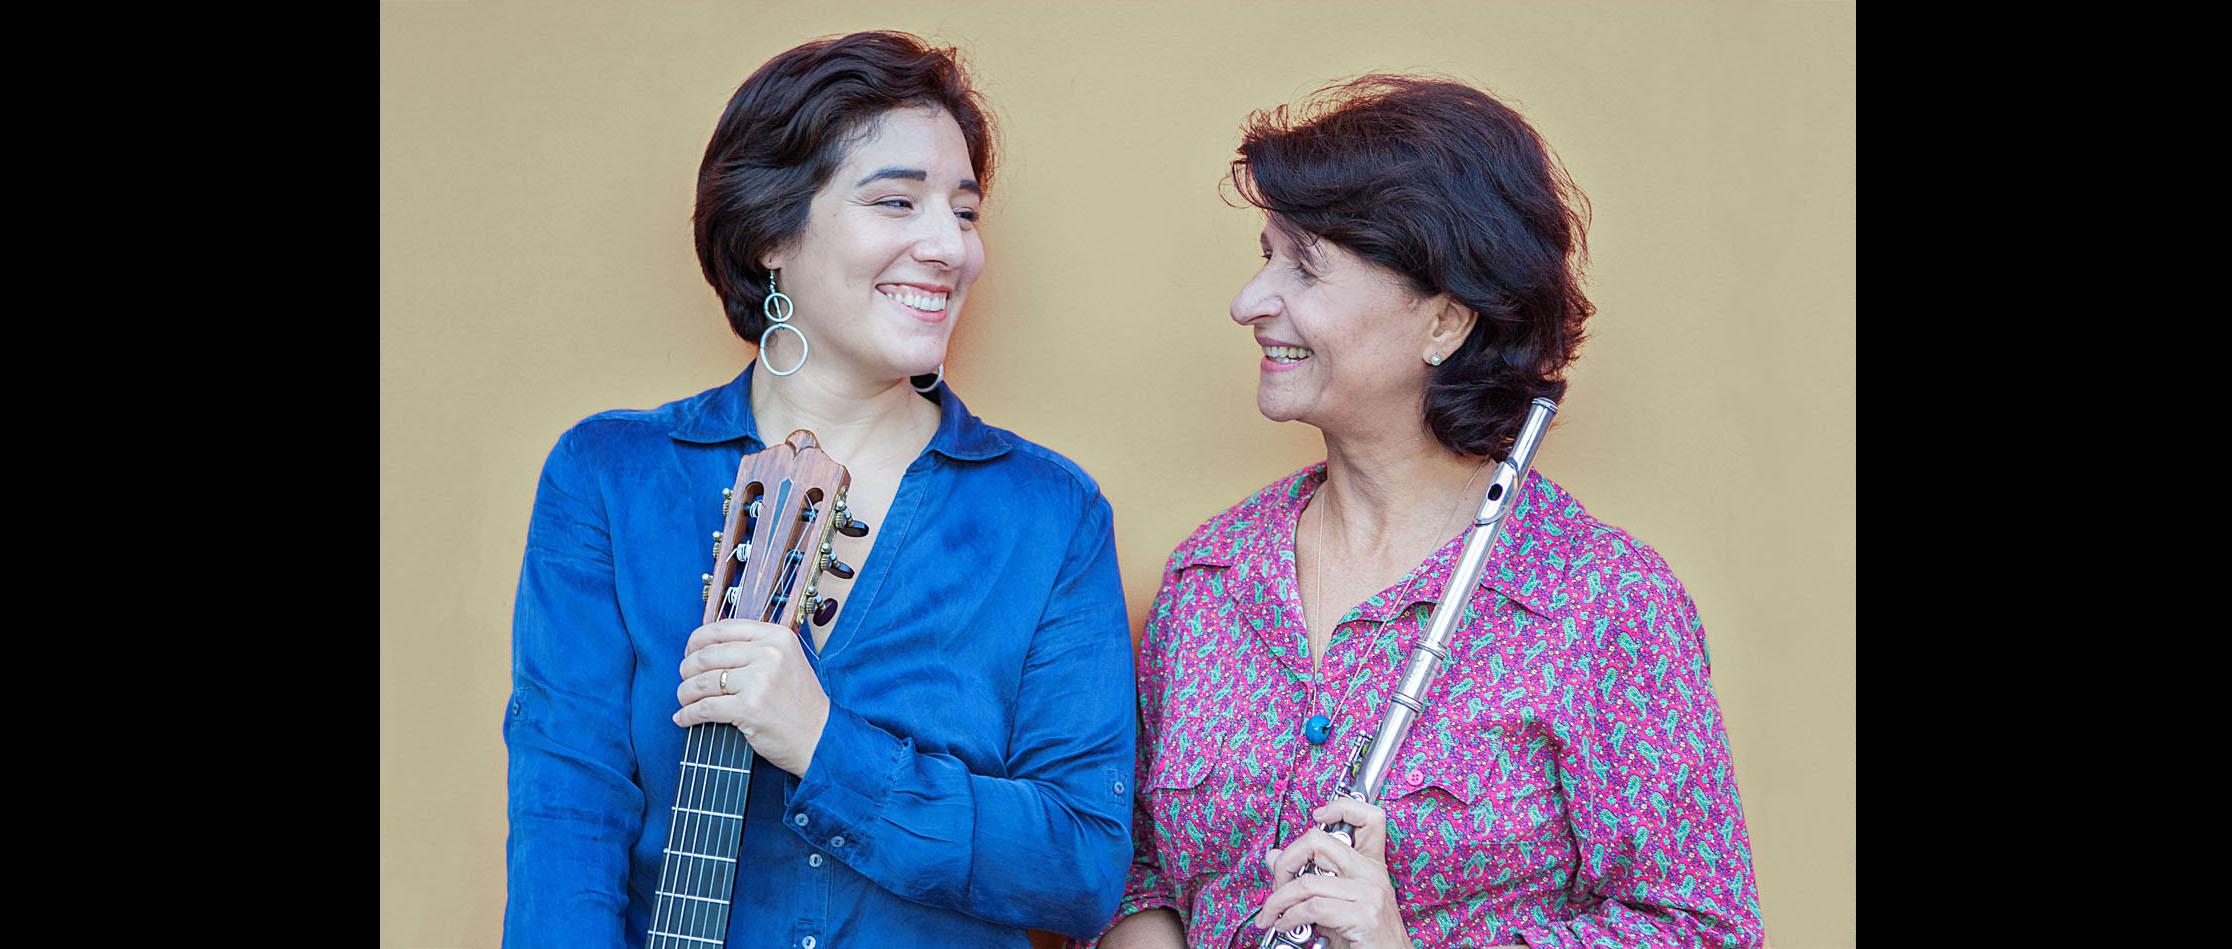 Andrea Ernest Dias e Elodie Bouny tocam nesta quarta-feira, às 18h, no Salão Histórico do Tribunal Pleno, no Antigo Palácio da Justiça de Niterói